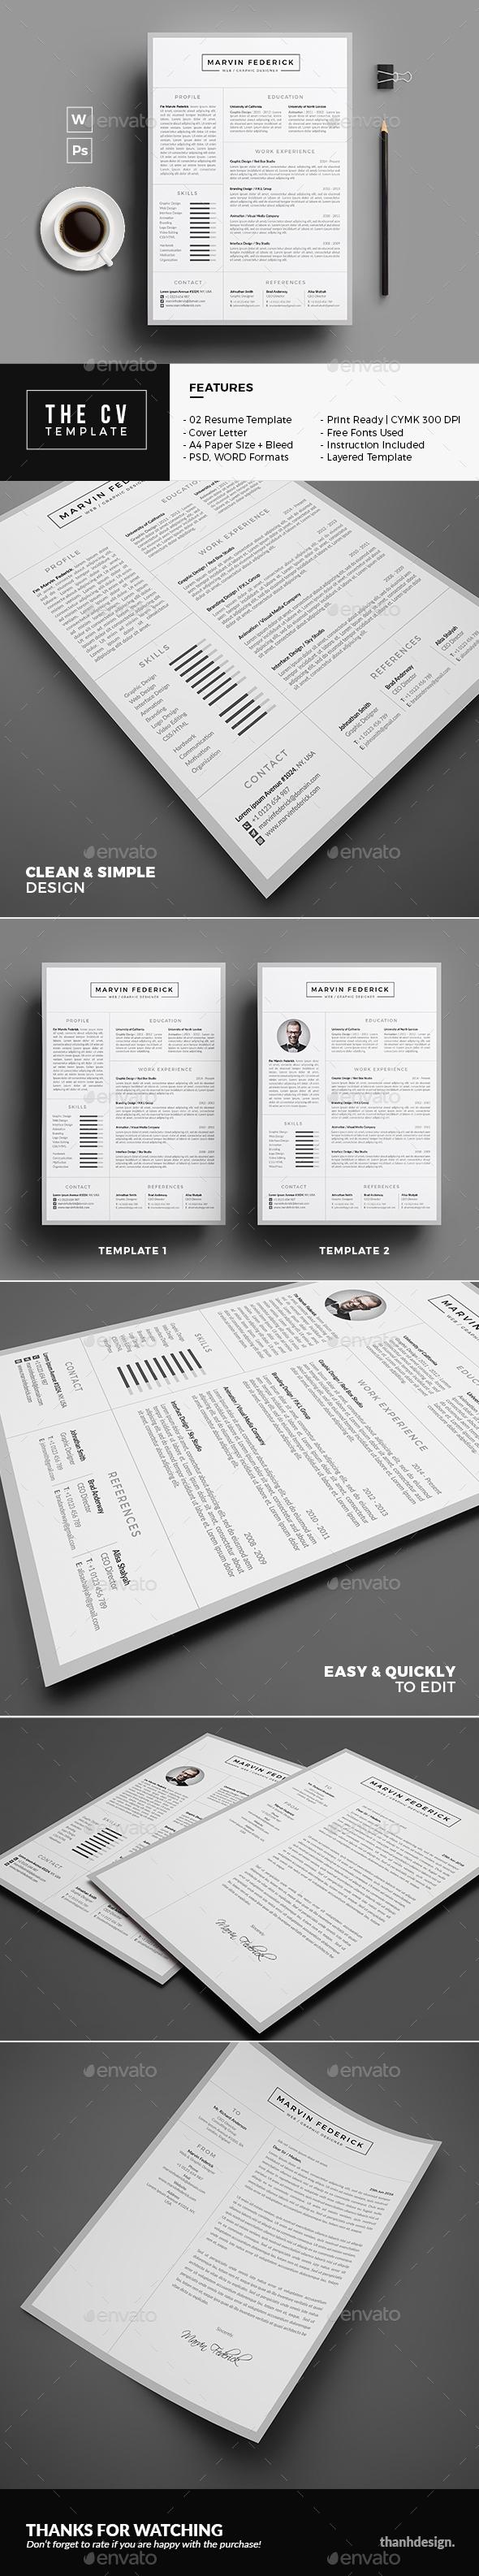 The CV - Resumes Stationery